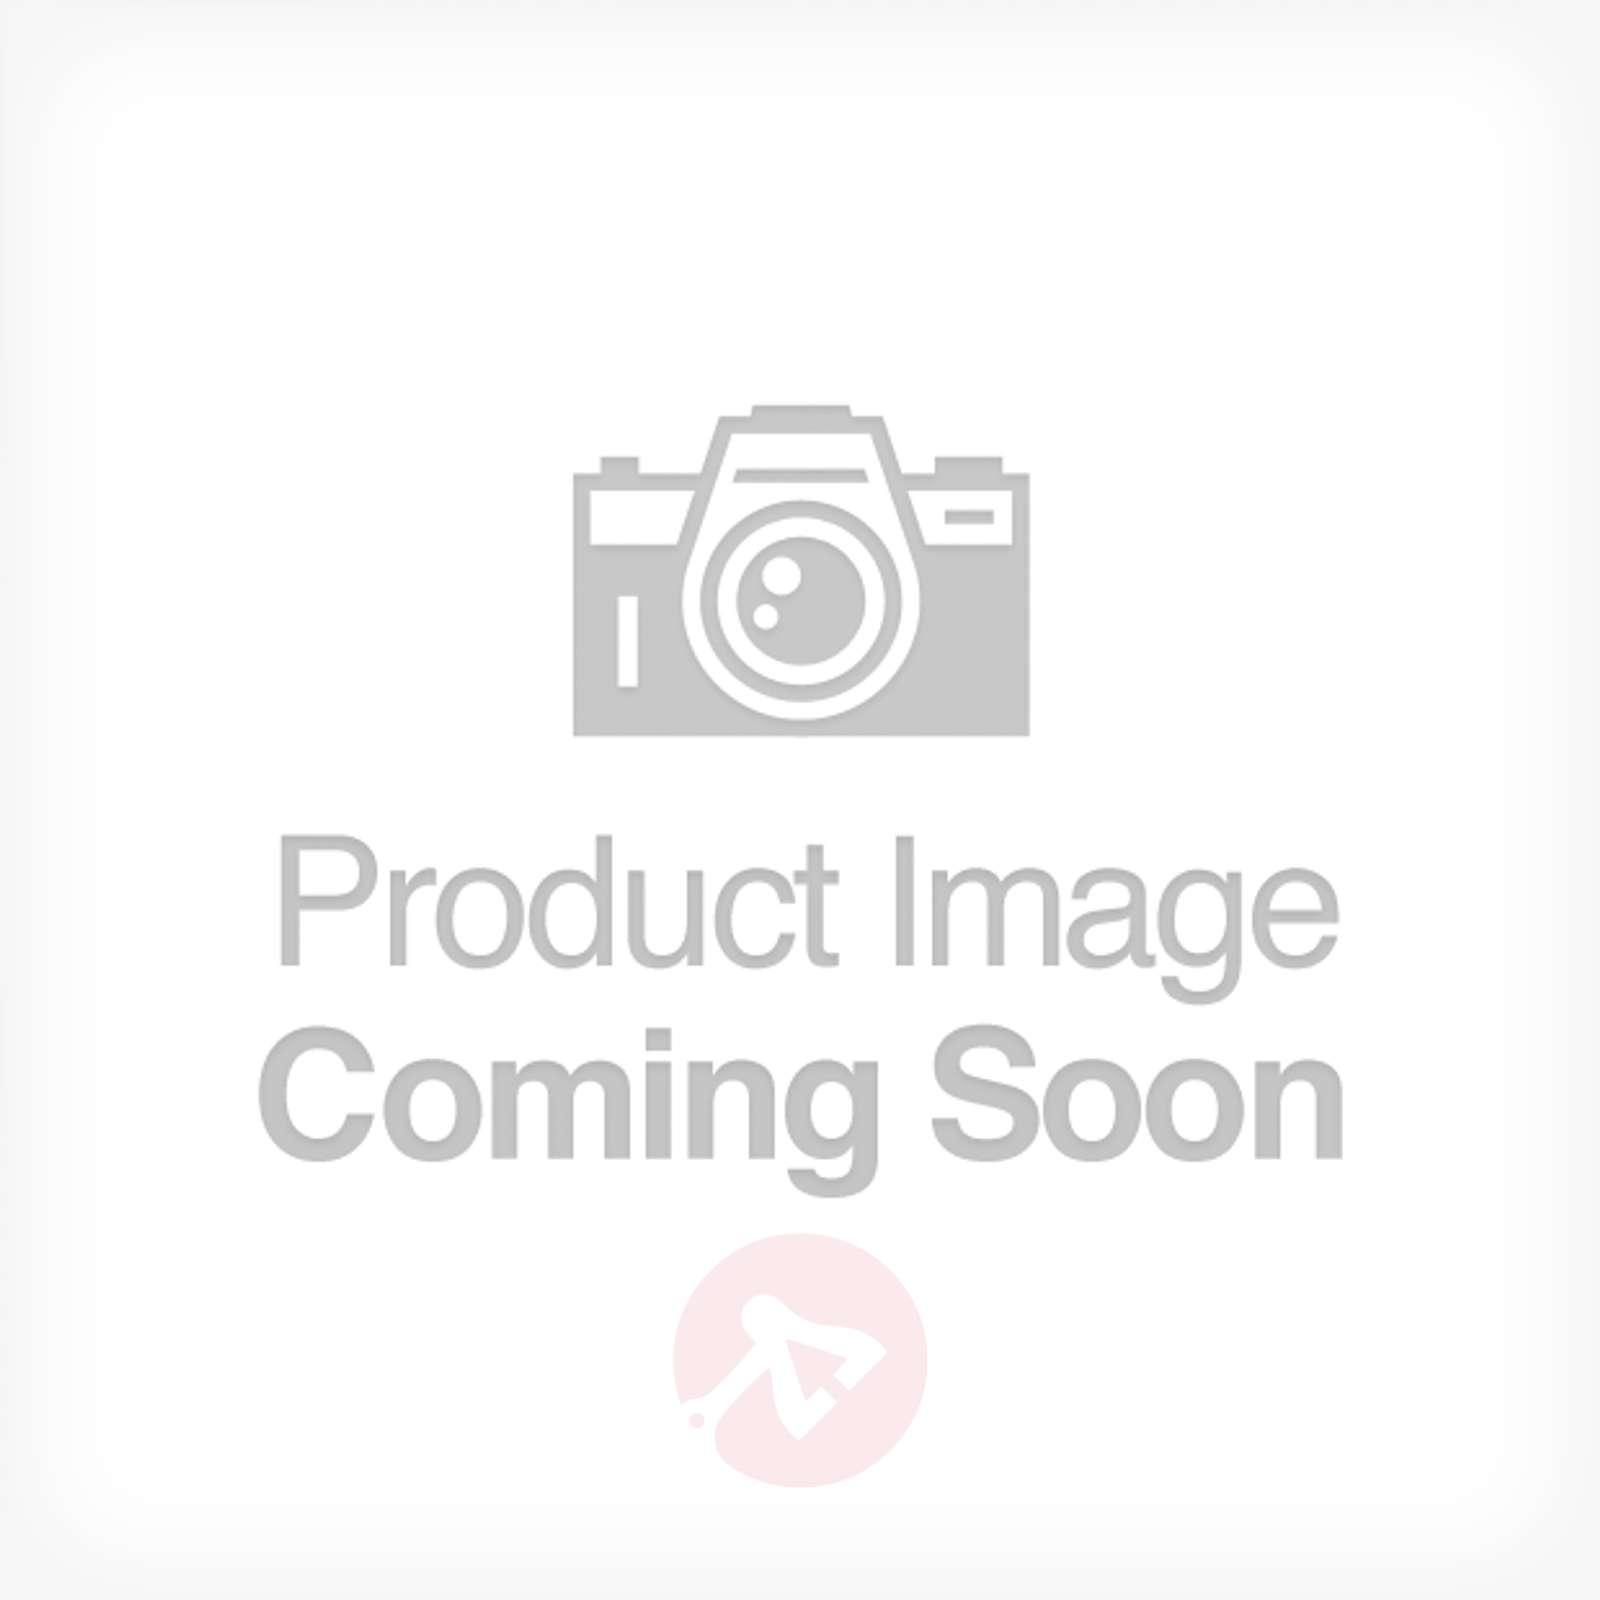 RIDER-lattiavalaisin spotilla-1507174X-01